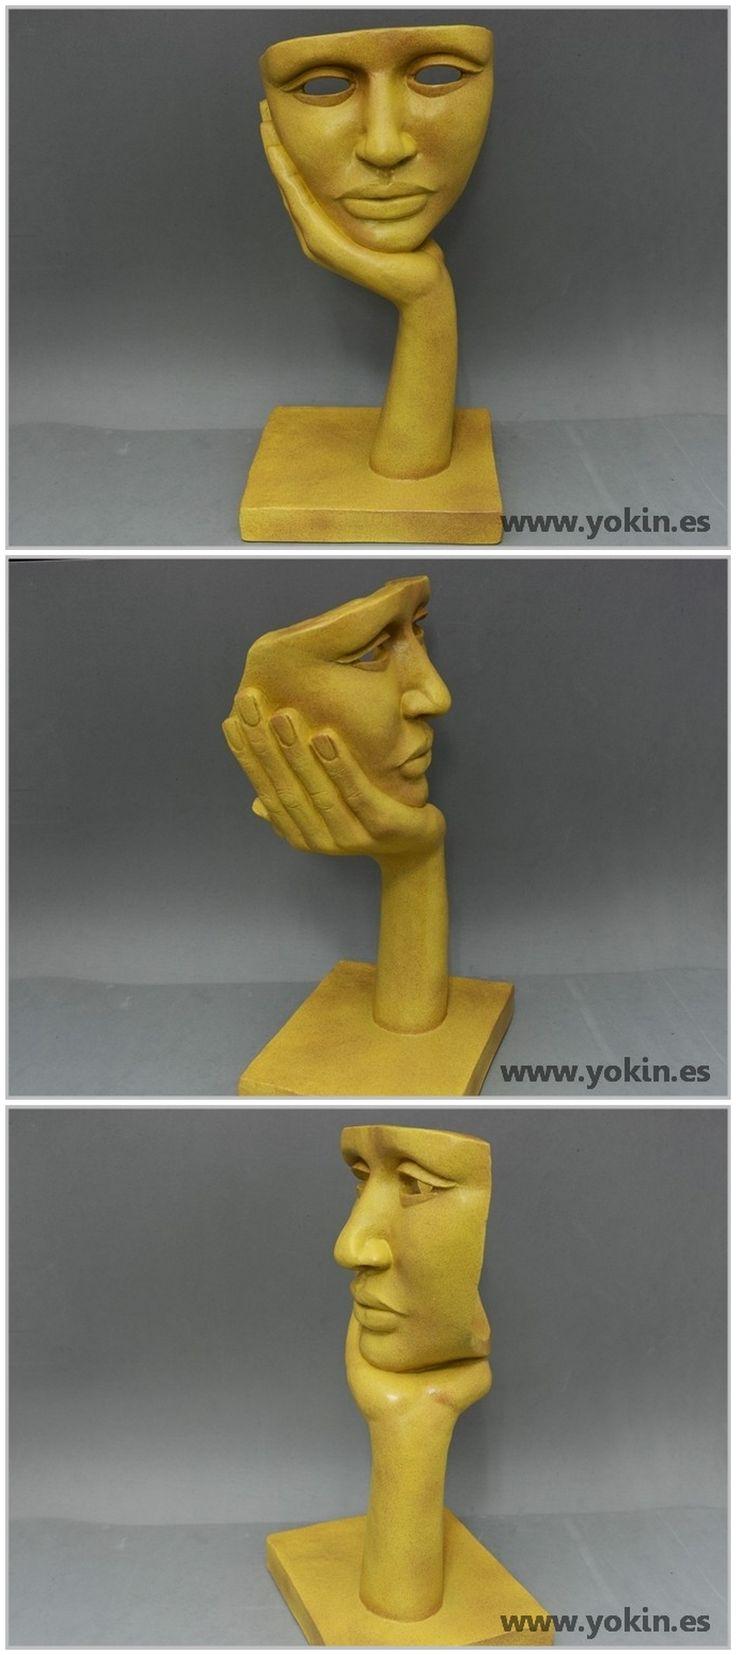 NOSTALGIA - original sculpture, gift item, decor item, art item. Sculpture…